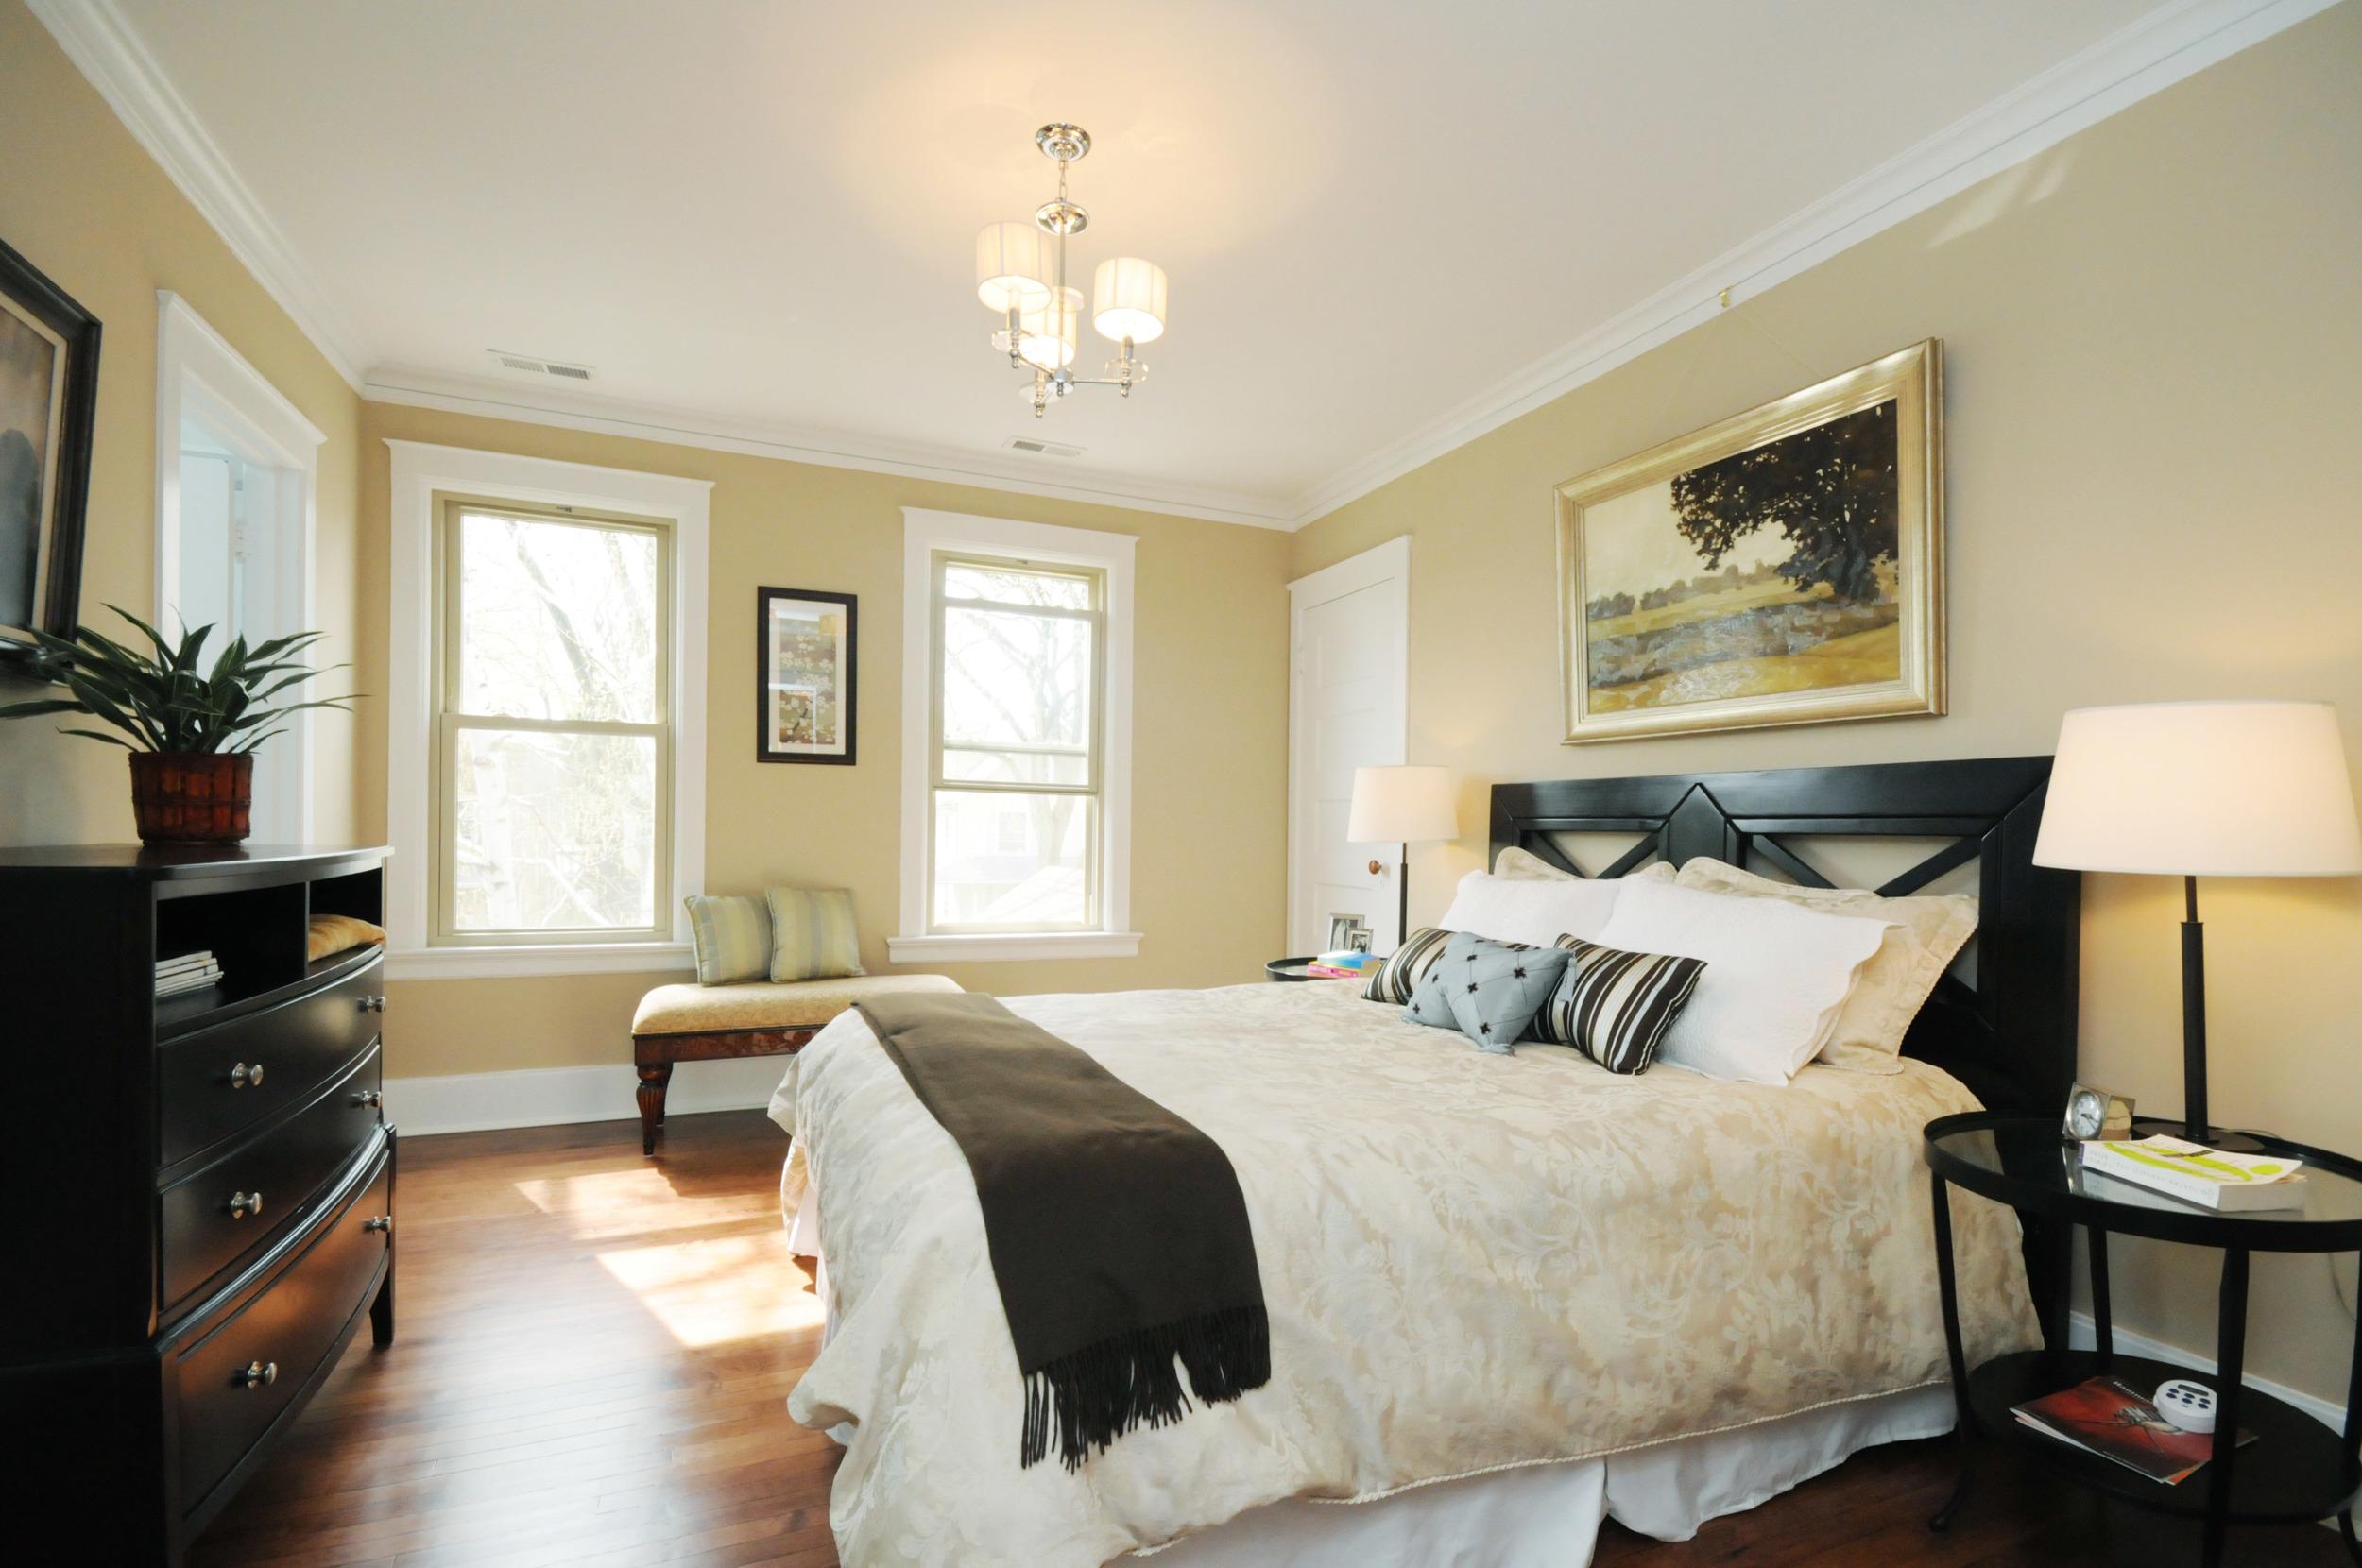 ashland master bedroom 1.jpg